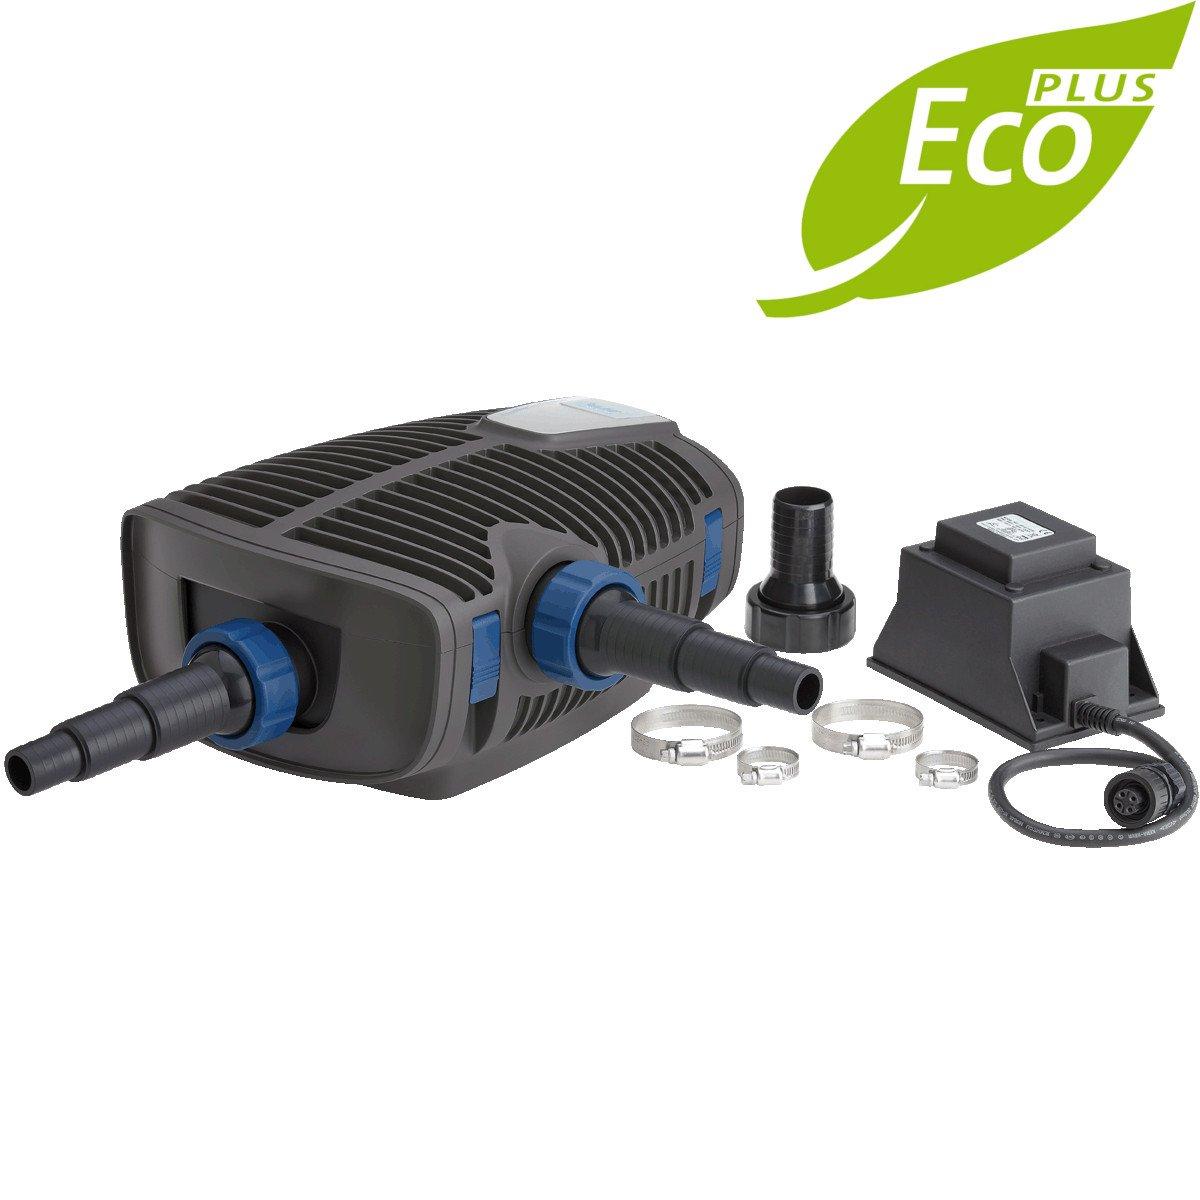 OASE AquaMax Eco Premium 12000 12V- Bomba de filtración de estanque ideal para piscinas